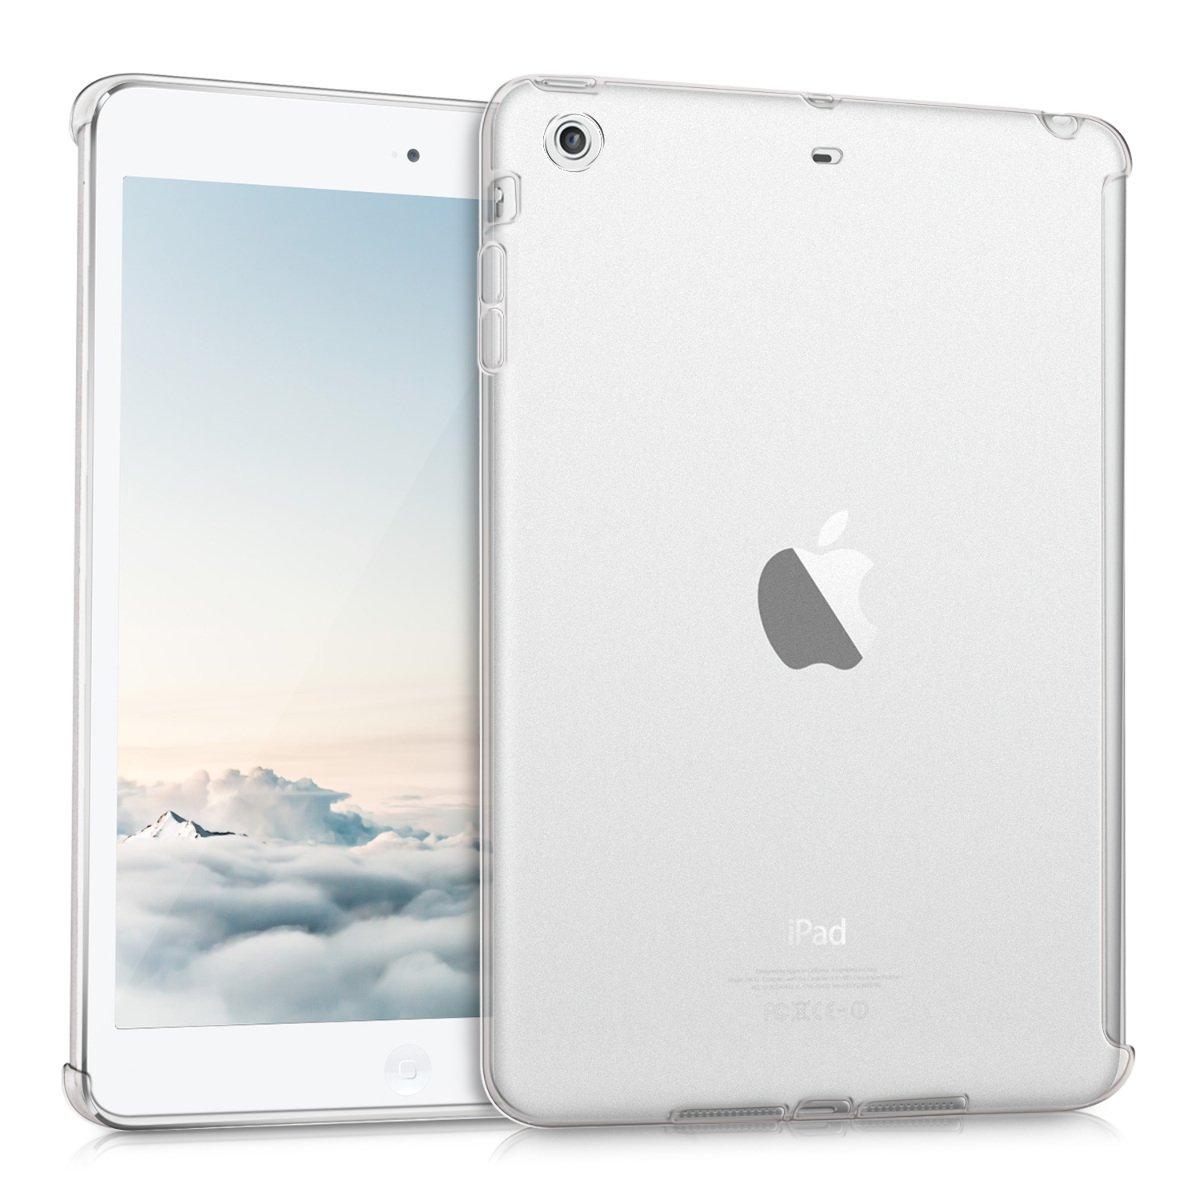 kwmobile Funda inteligente para Apple iPad Mini 2 / iPad Mini 3 - Carcasa trasera de TPU para tablet en transparente mate